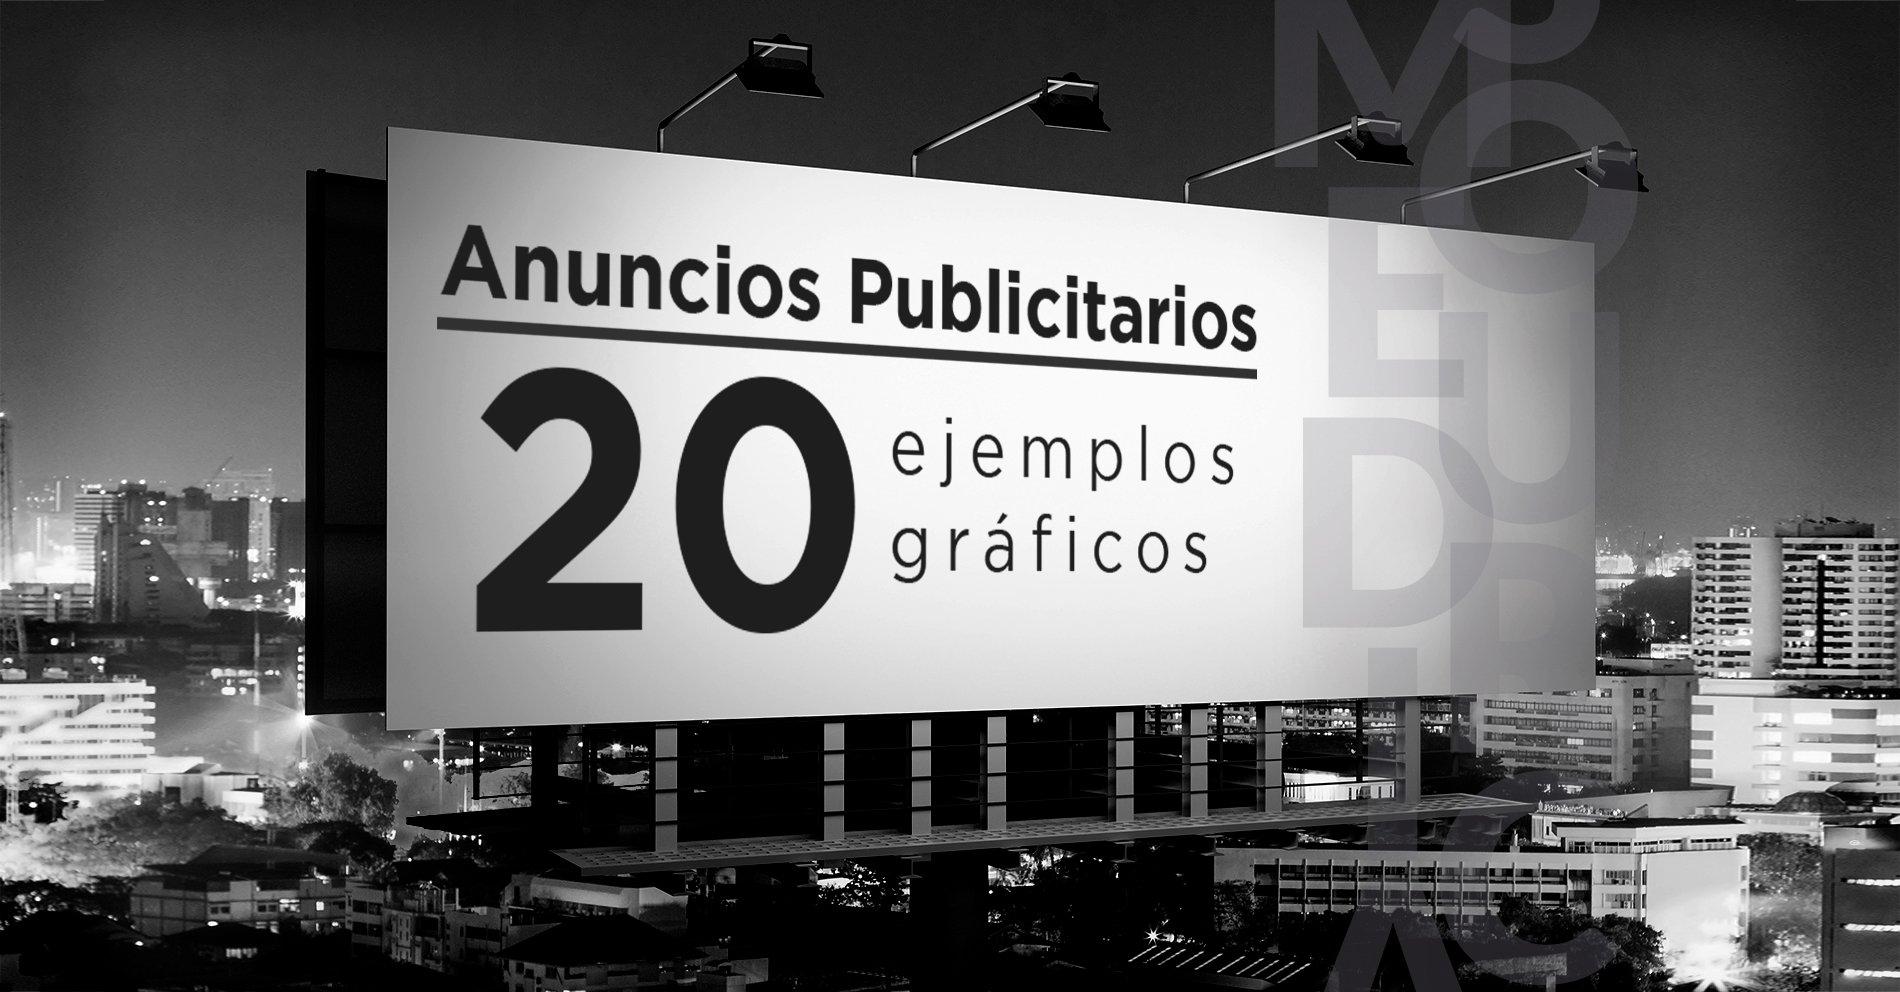 Anuncios Publicitarios_ 20 ejemplos gráficos